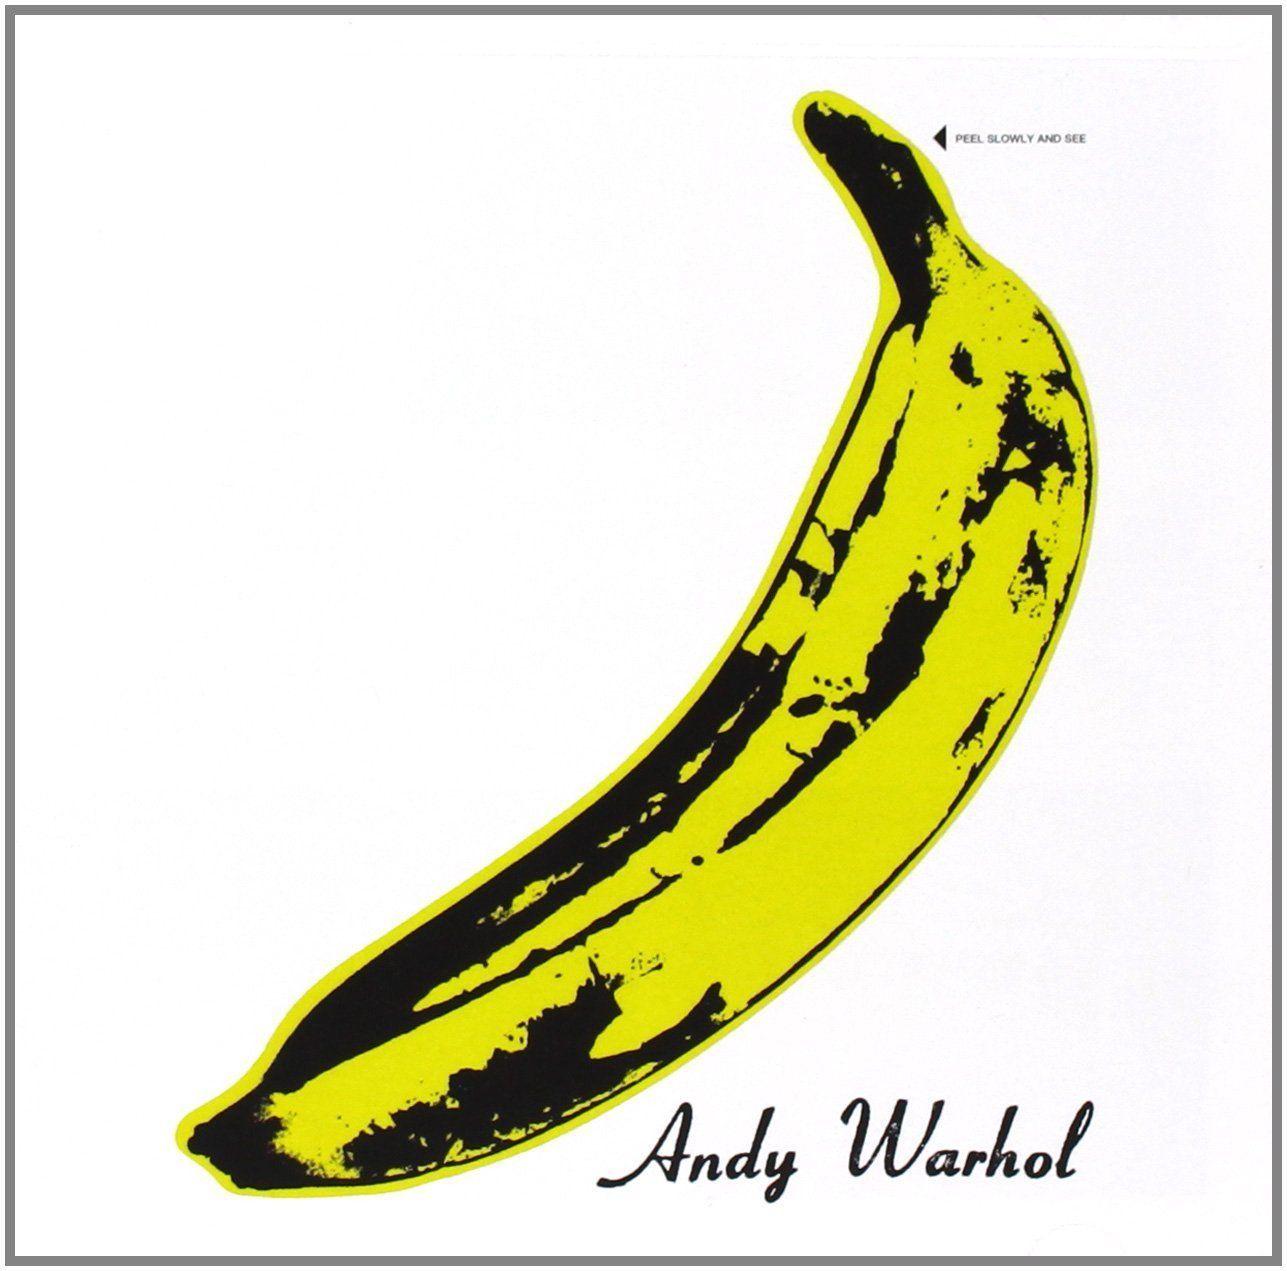 ¿A qué artista o banda pertenece este álbum , el cual guarda un oscuro trasfondo y  fue considerado revolucionario en su tiempo